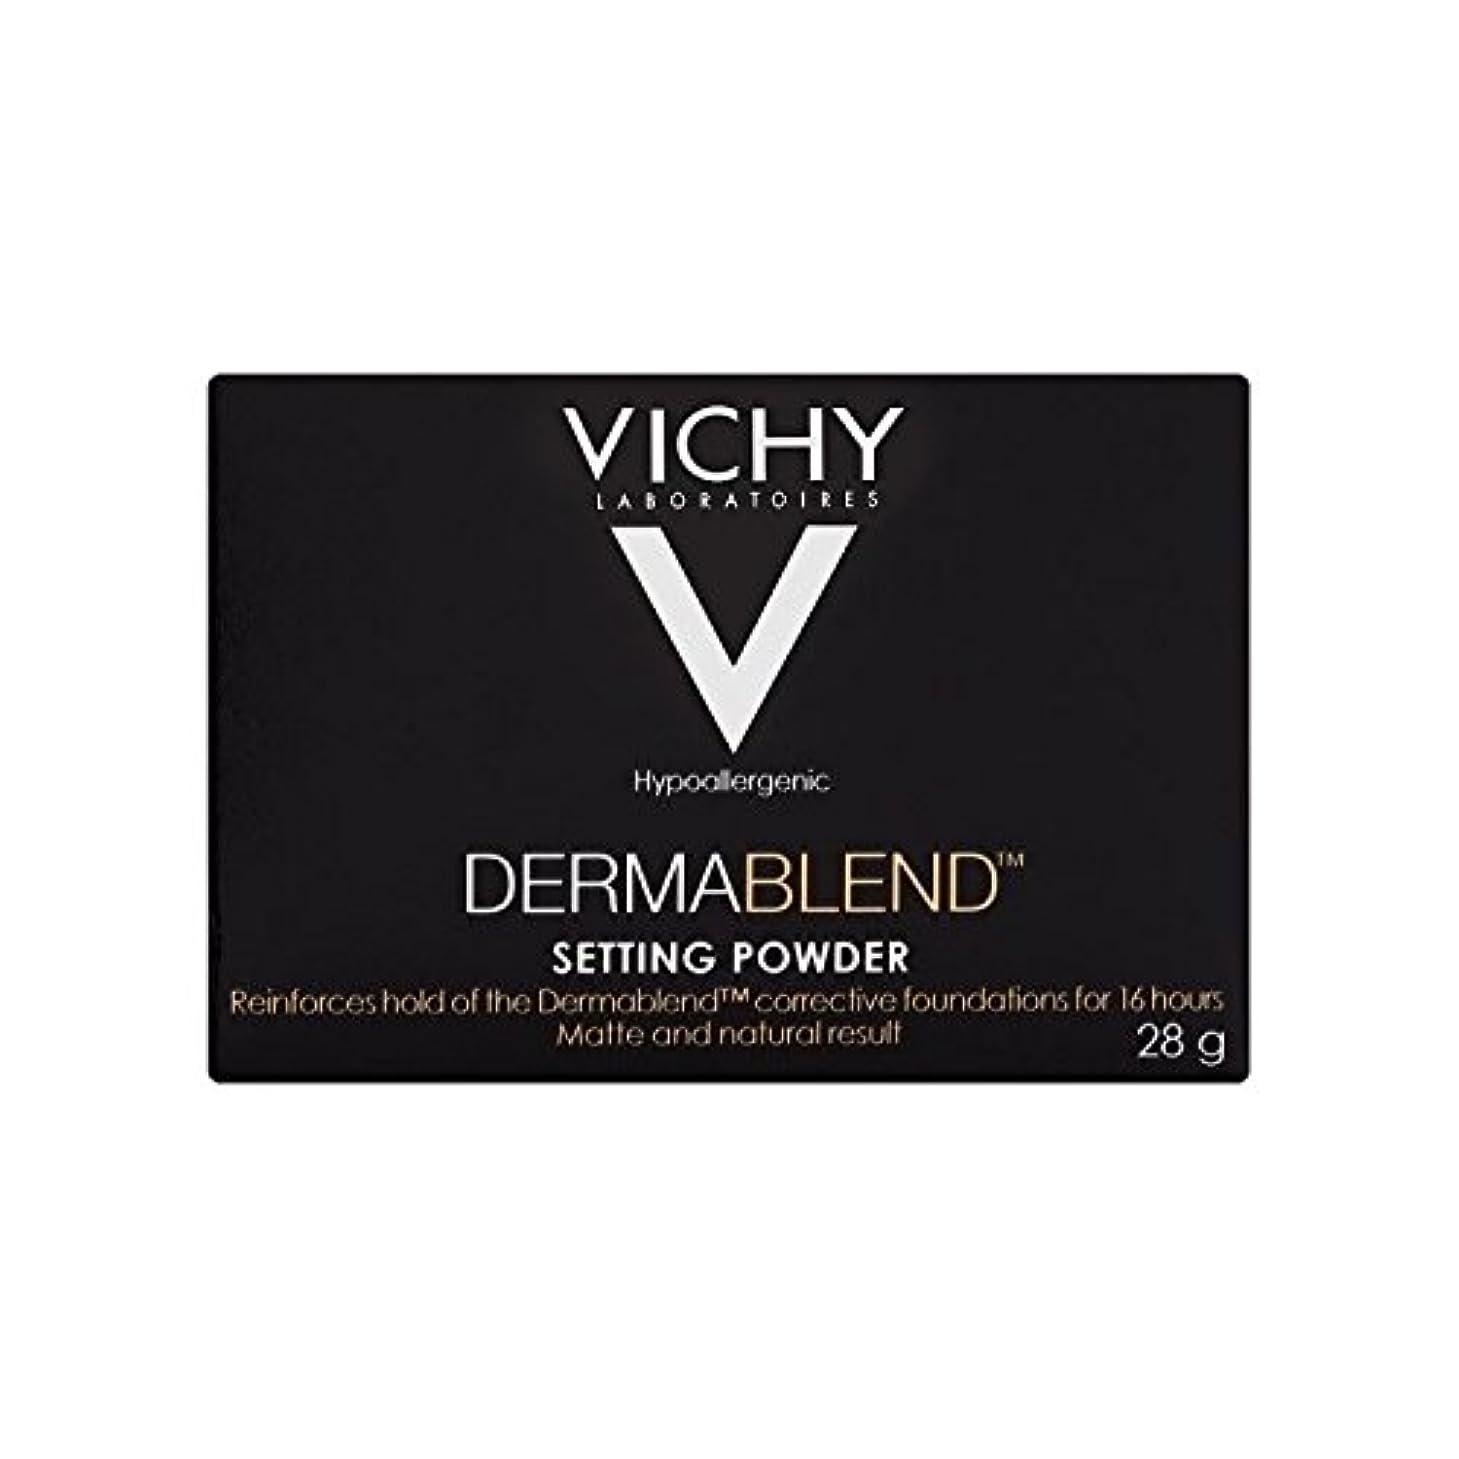 意義フォージ平行ヴィシー設定粉末28グラム x2 - Vichy Dermablend Setting Powder 28g (Pack of 2) [並行輸入品]